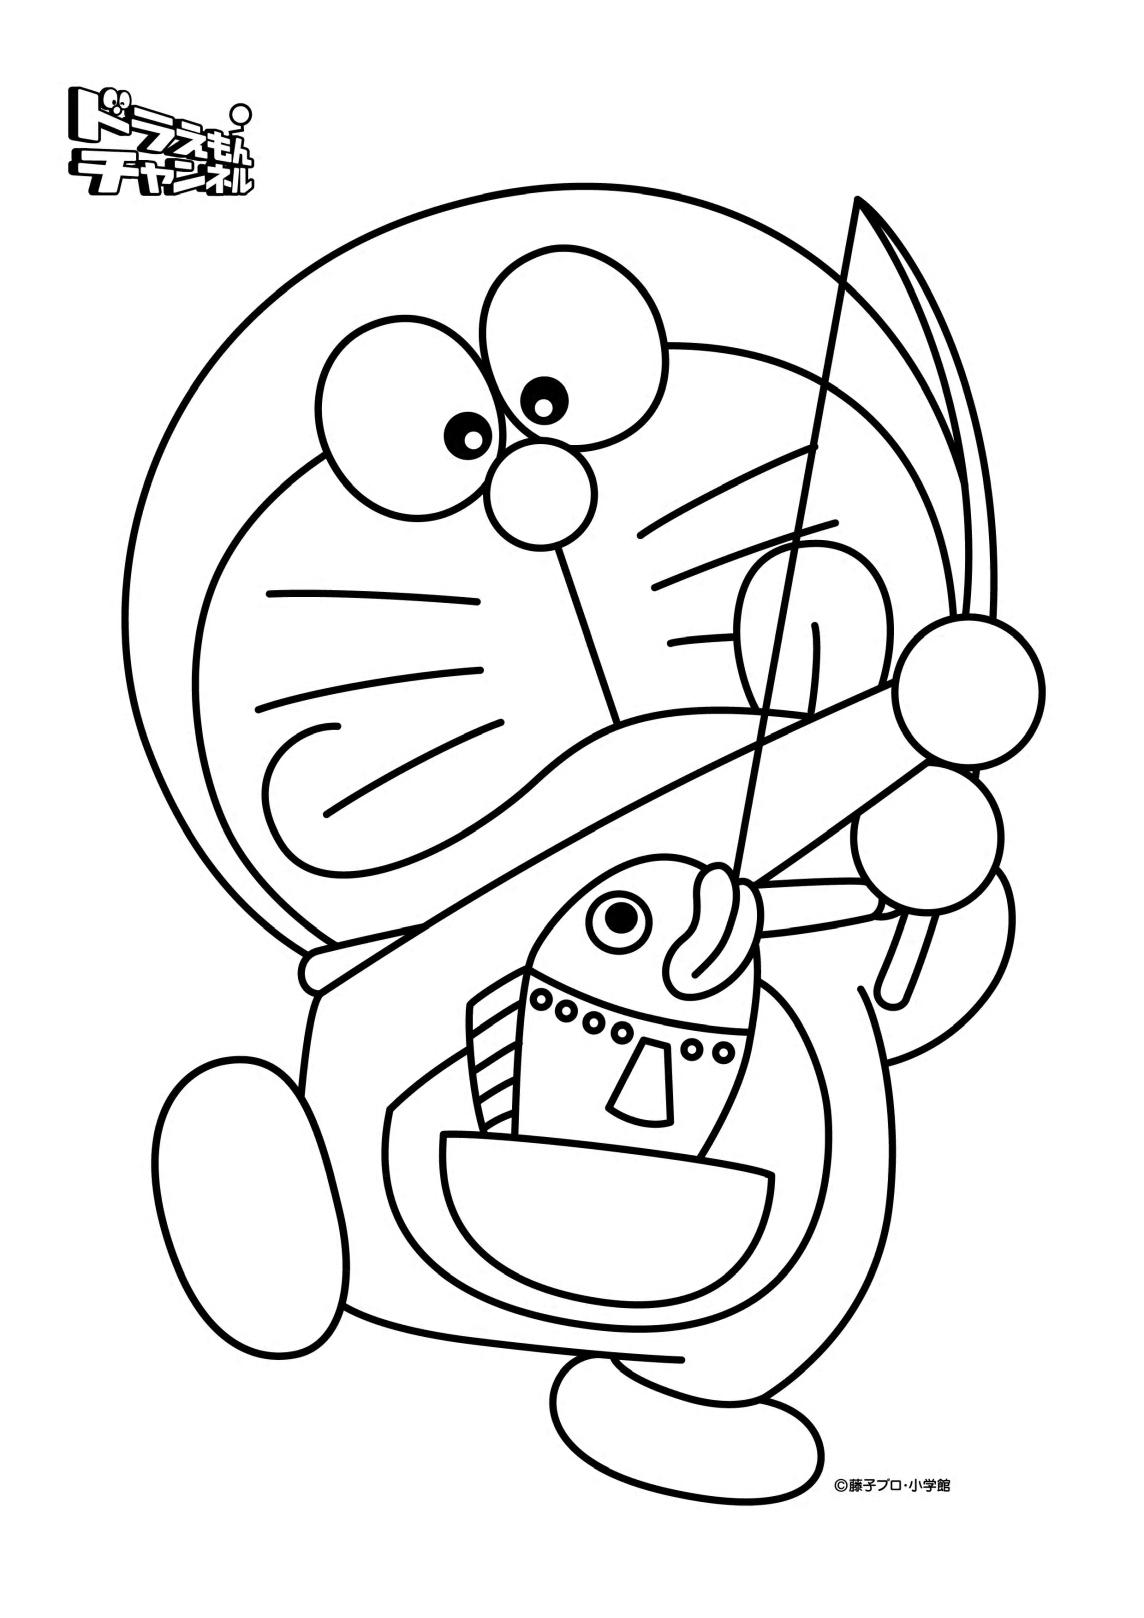 Science fiction story of Doraemon 18 Doraemon coloring ...